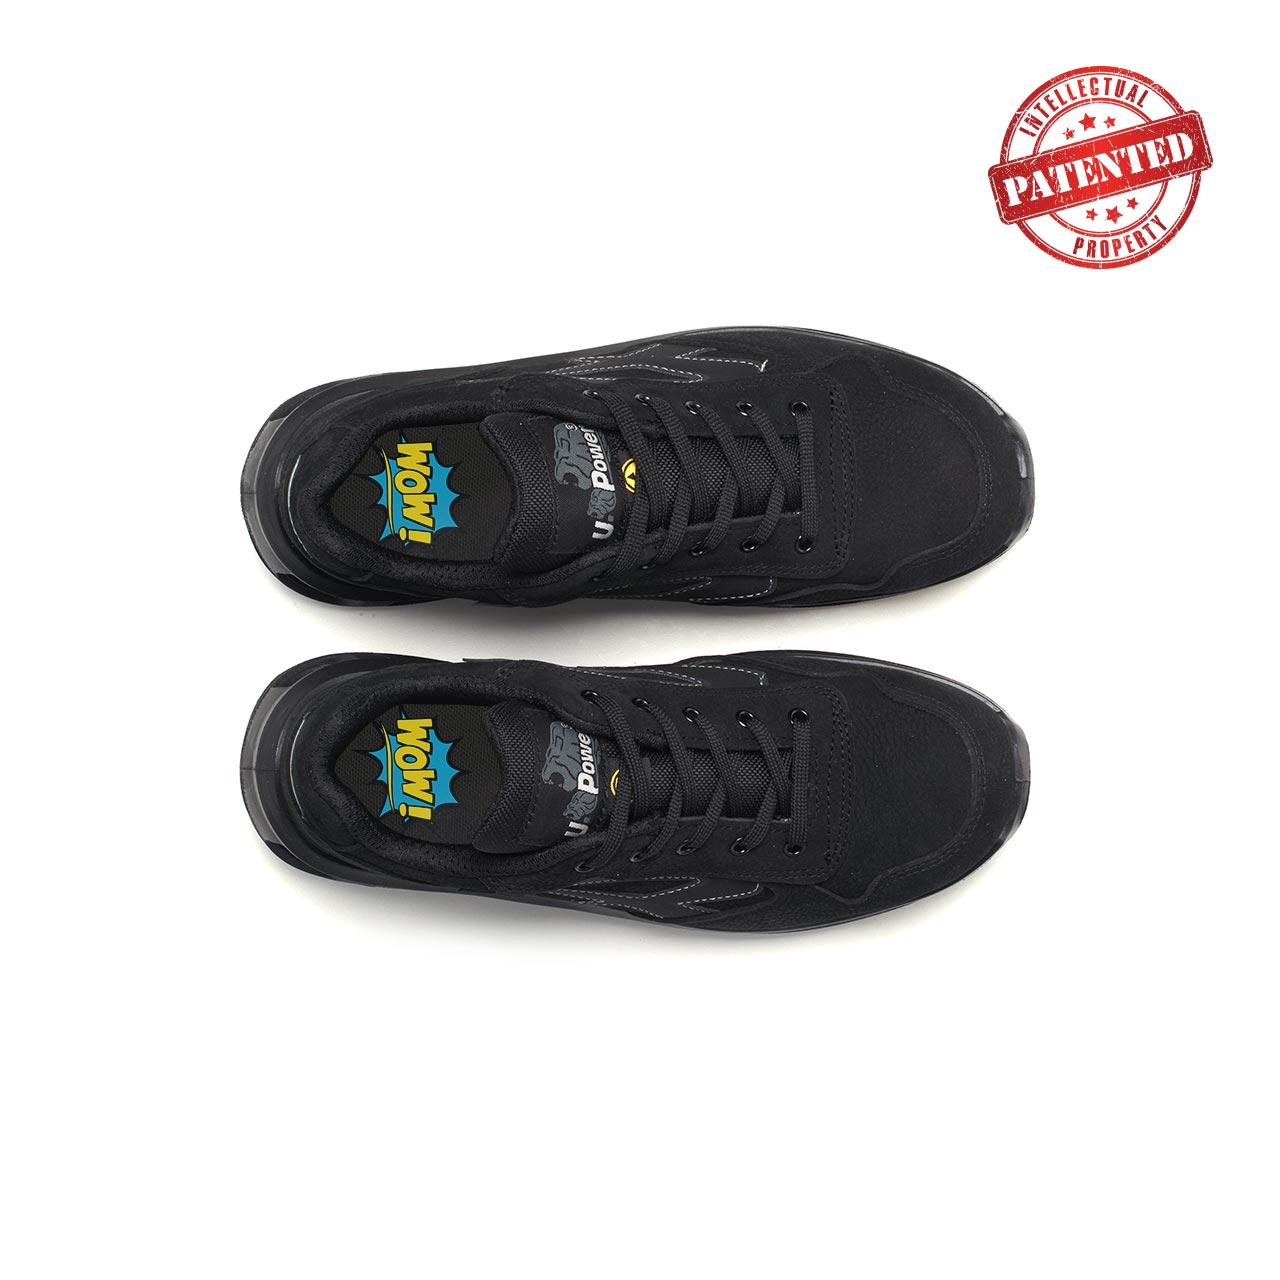 paio di scarpe antinfortunistiche upower modello carbon linea redlion vista top